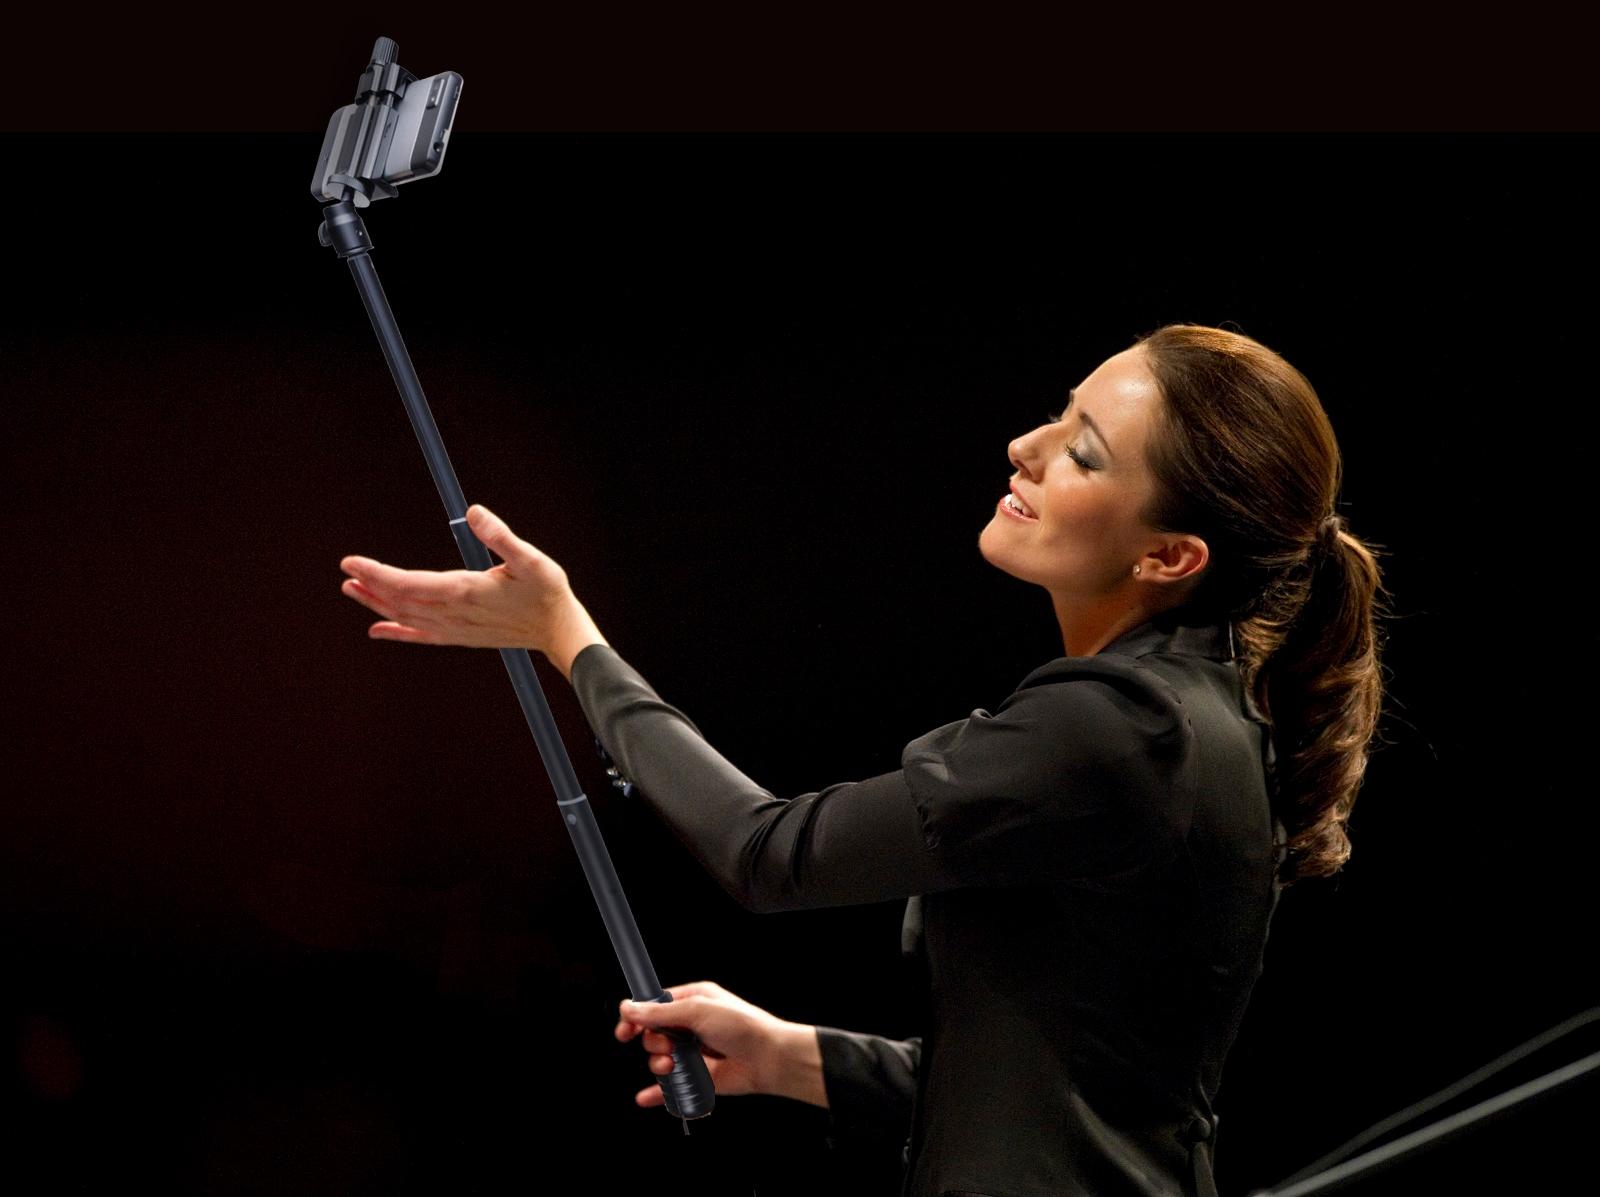 Conductor selfies